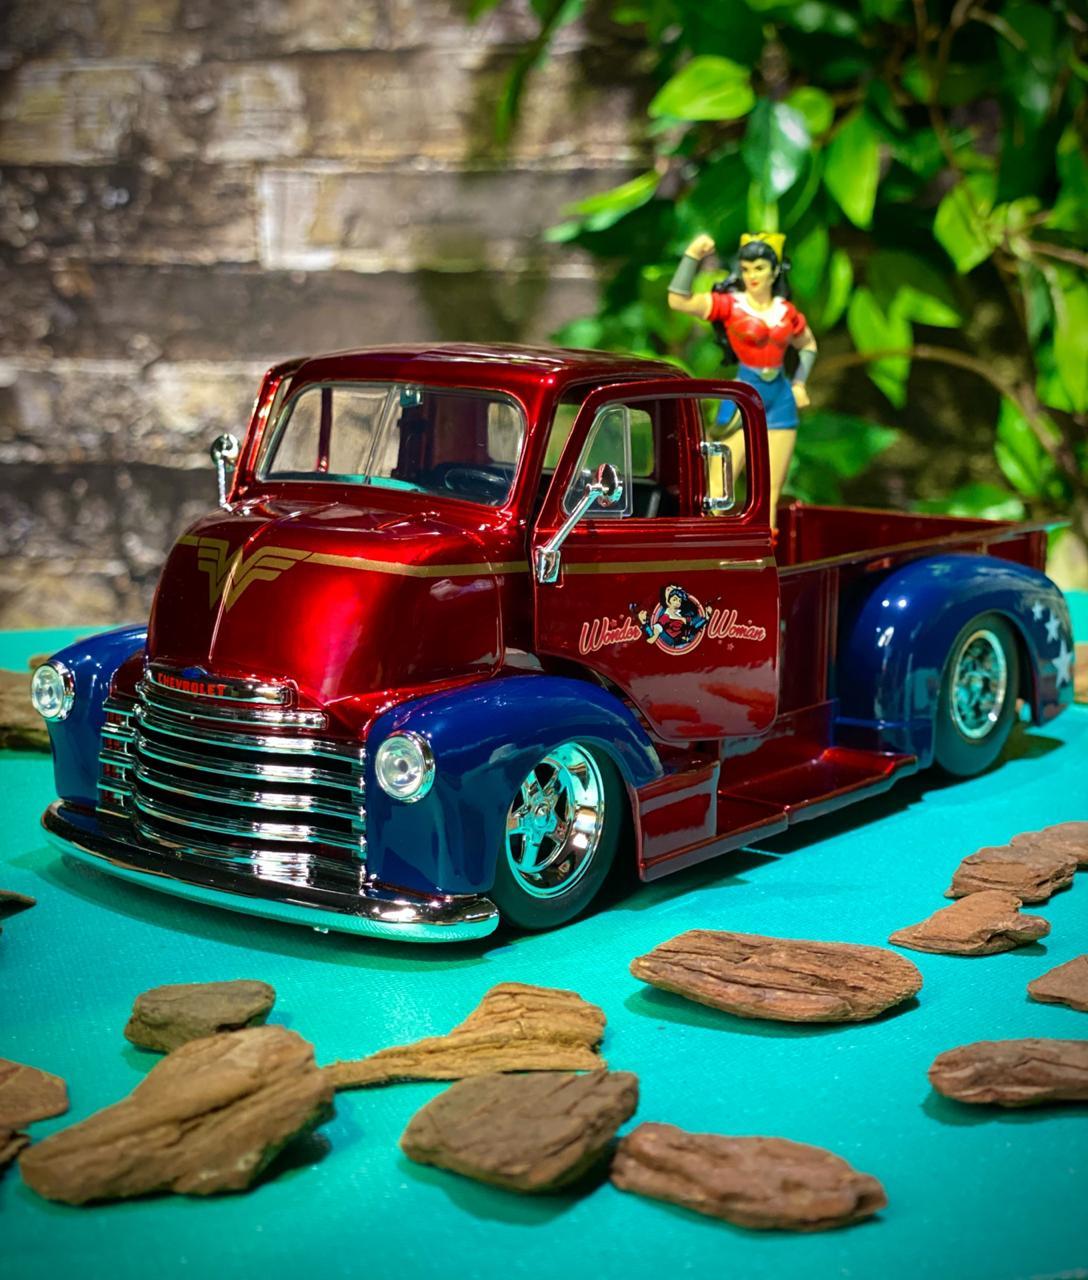 Carro Com Boneco Mulher Maravilha e 1952 Chevy:DC Comics (Die Cast Figure) Escala 1/24 - Jada Toys